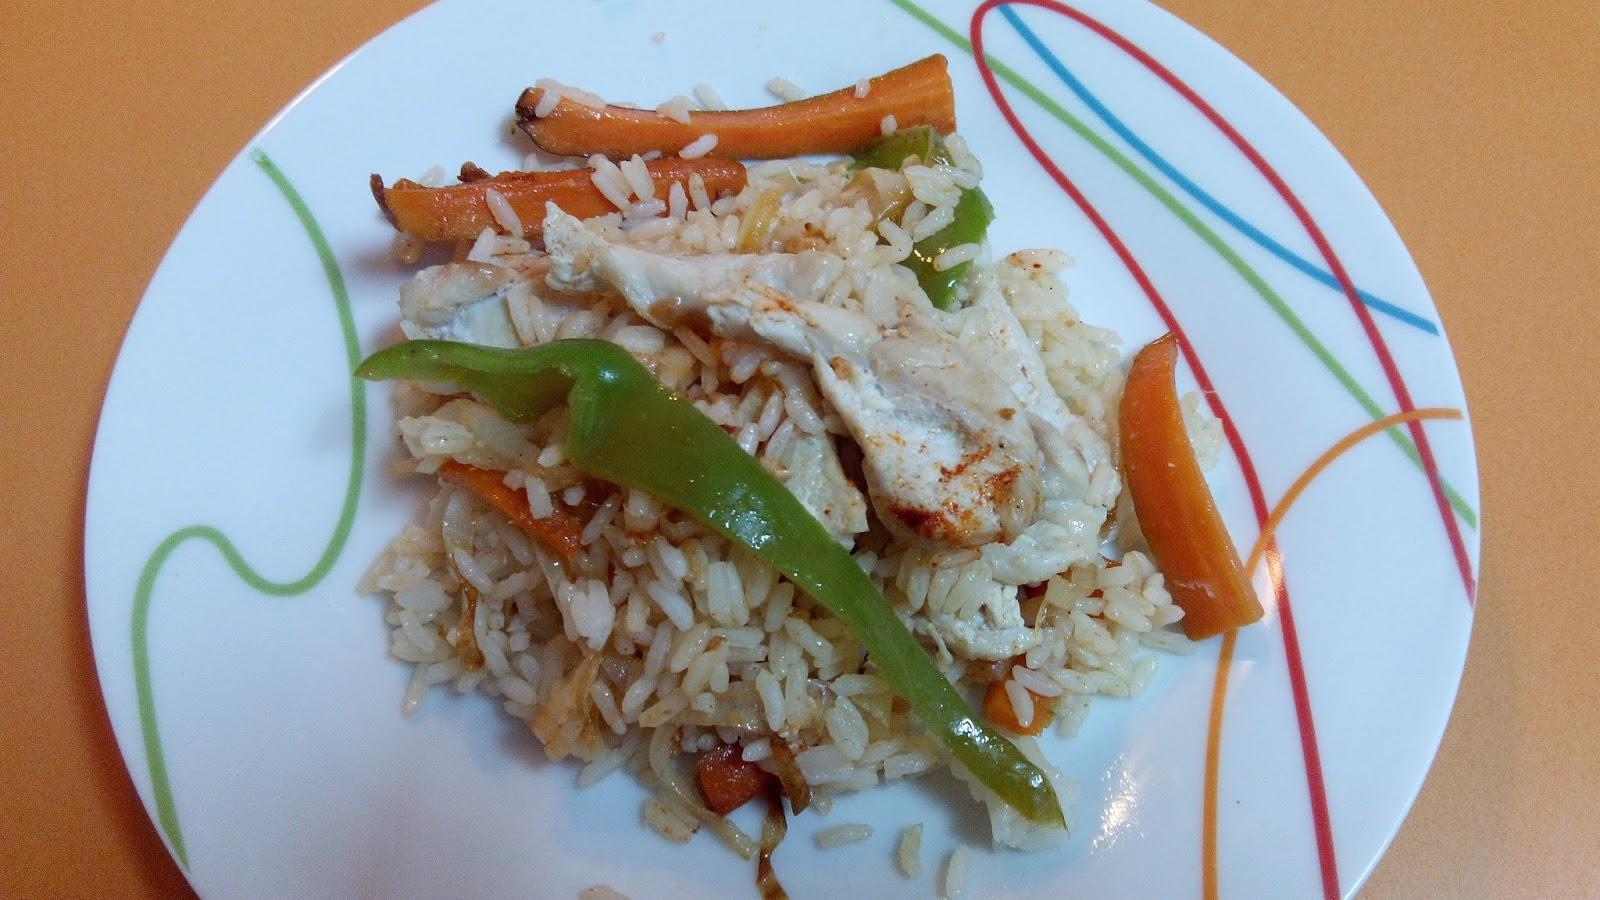 La cocina f cil de silvia salteado de arroz con pollo - Arroz salteado con pollo ...